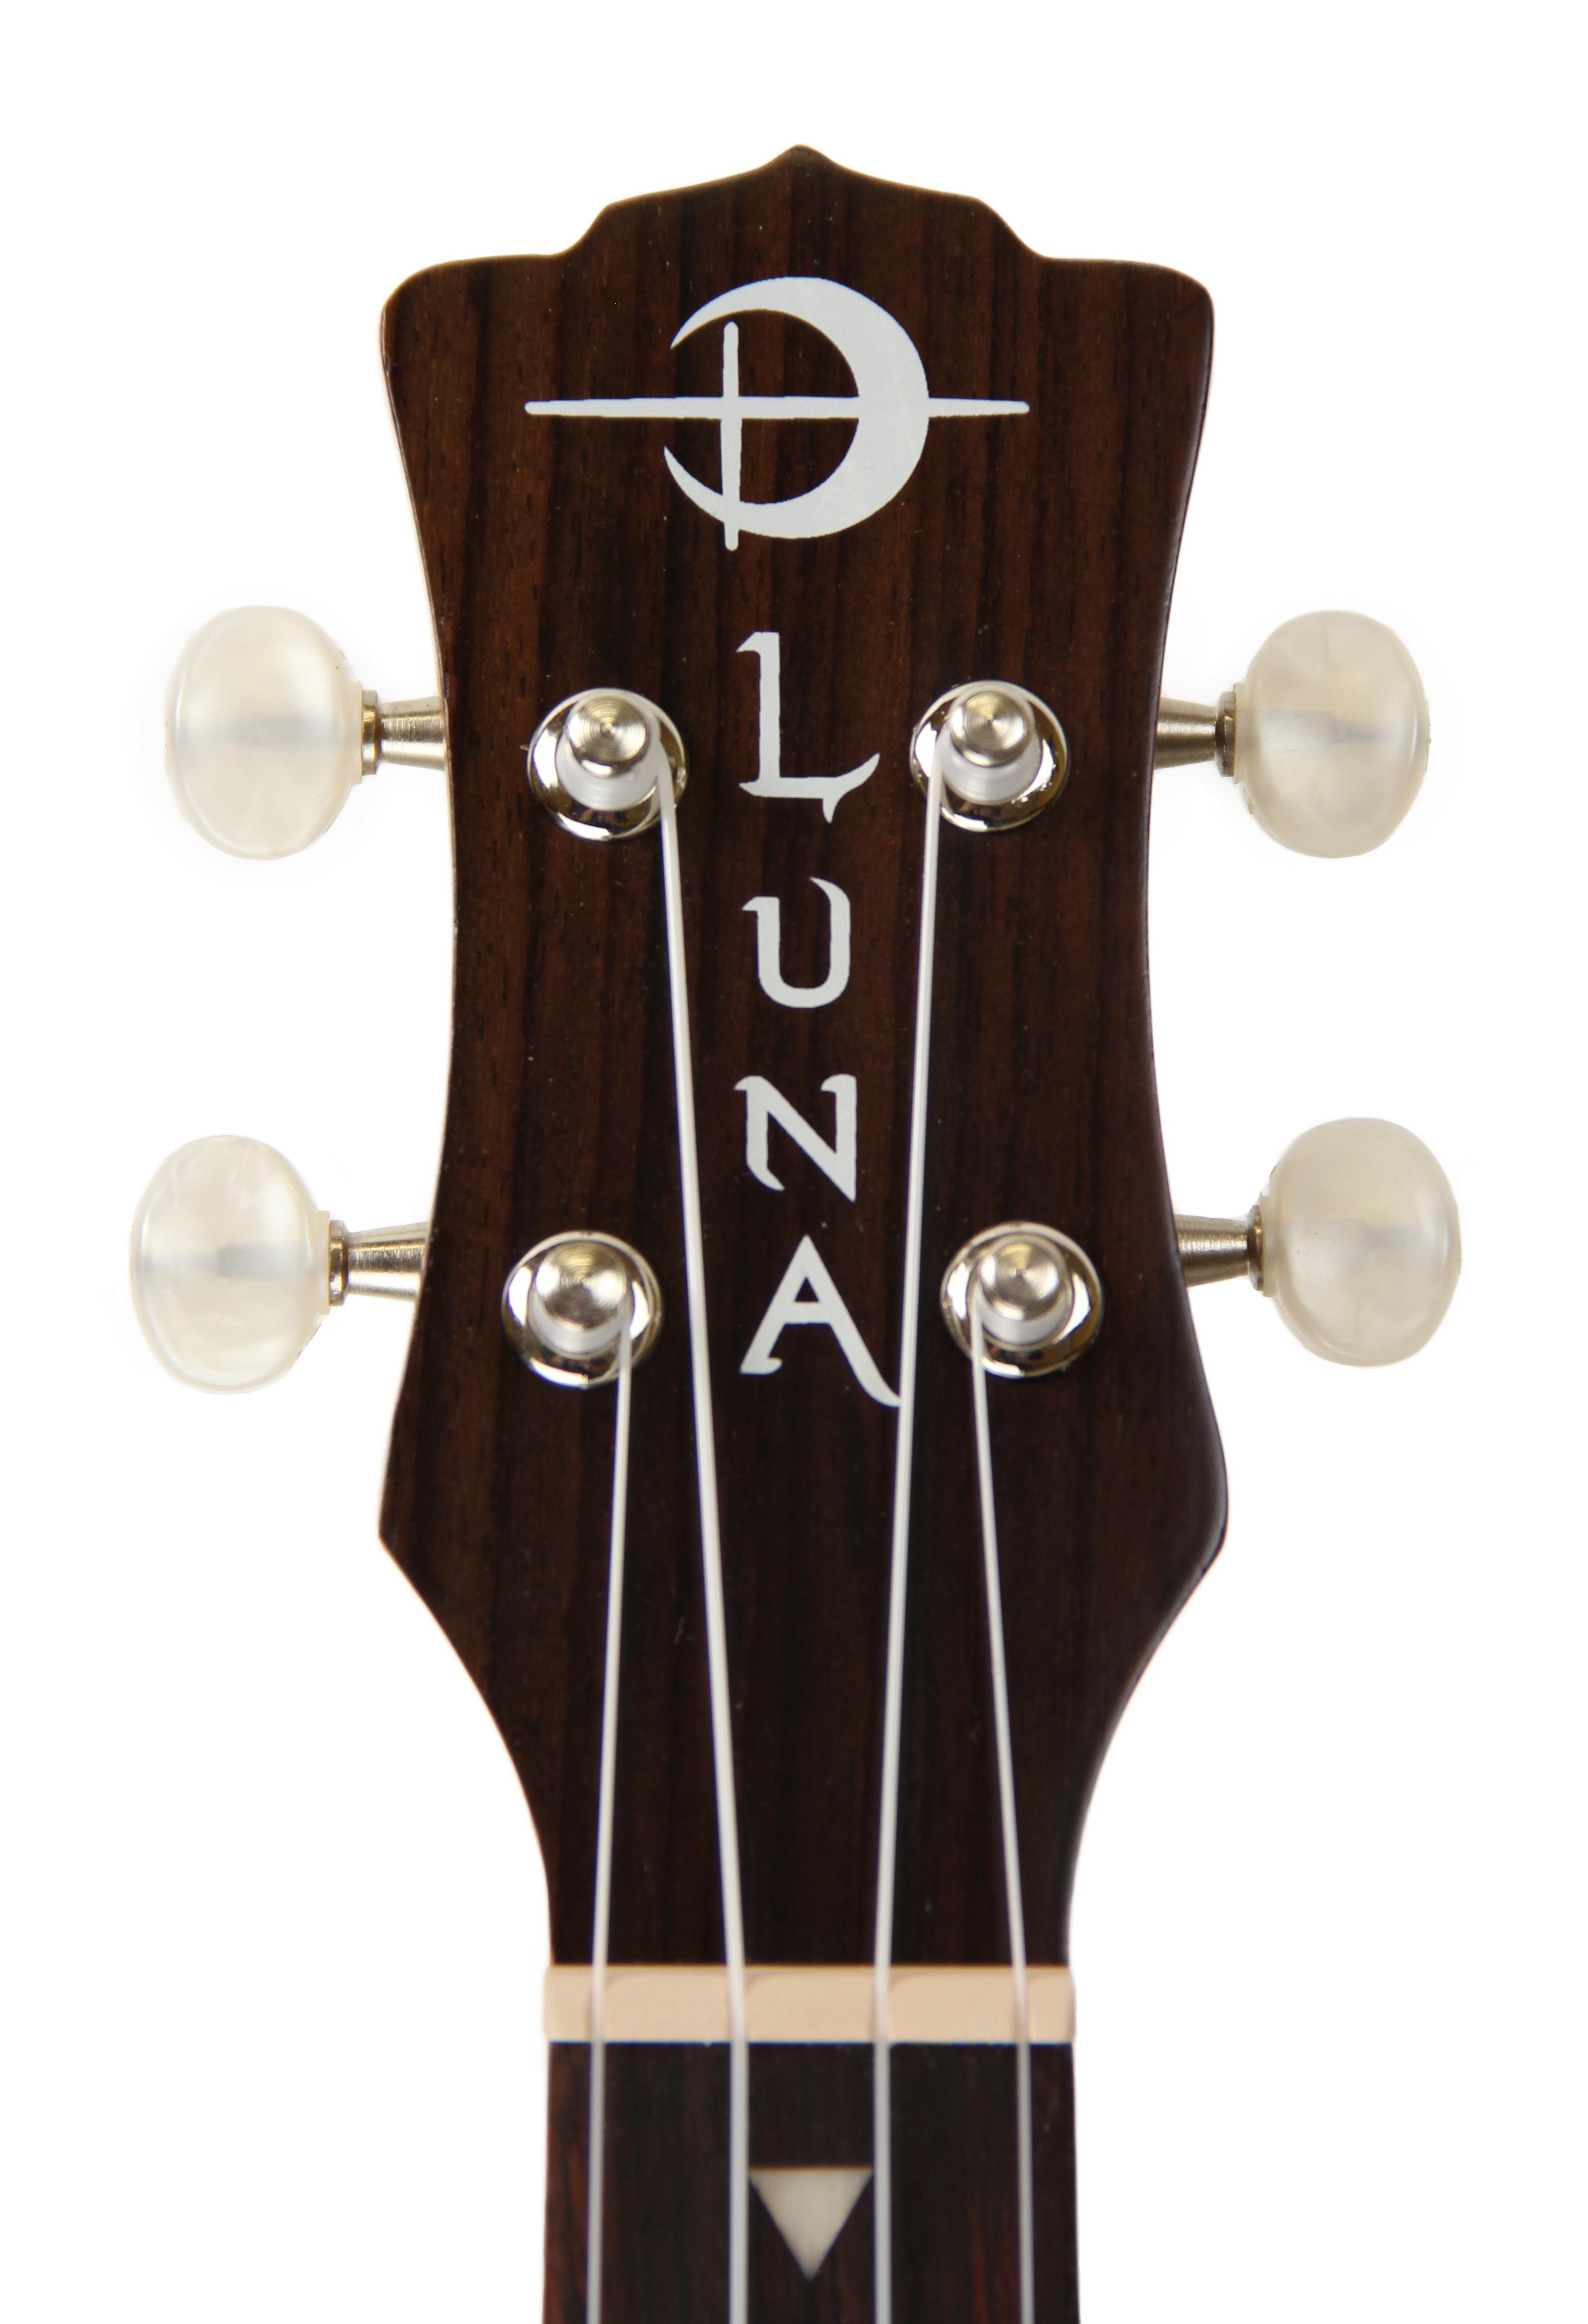 Luna-Honu-Mahogany-Tenor-Ukulele-w-Hard-Case thumbnail 5